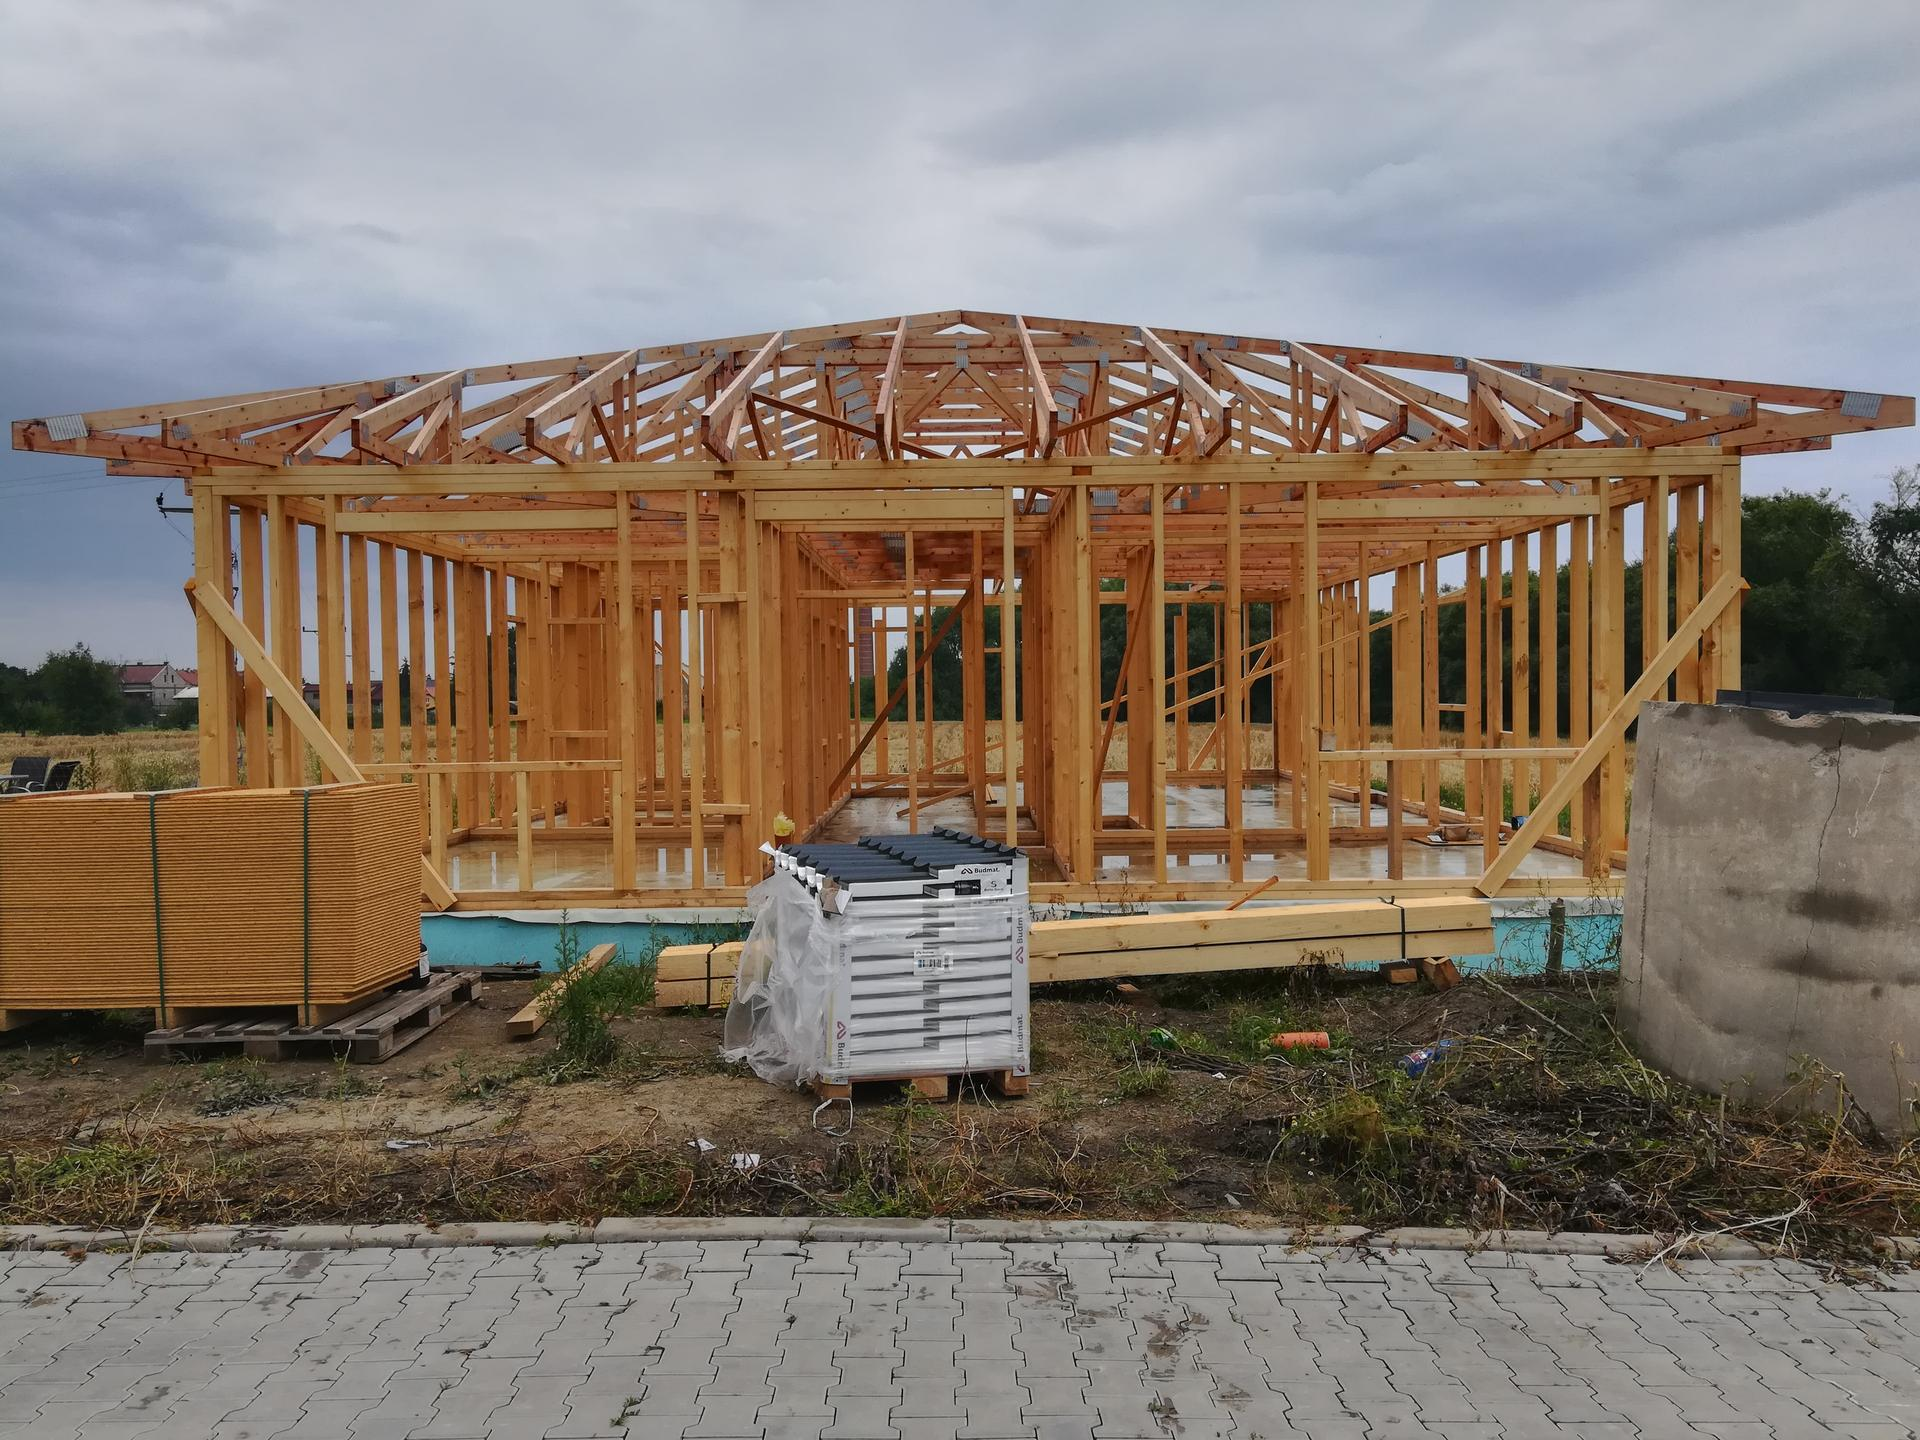 Pomalu začínáme stavět - 18.7.2020 hotové krovy